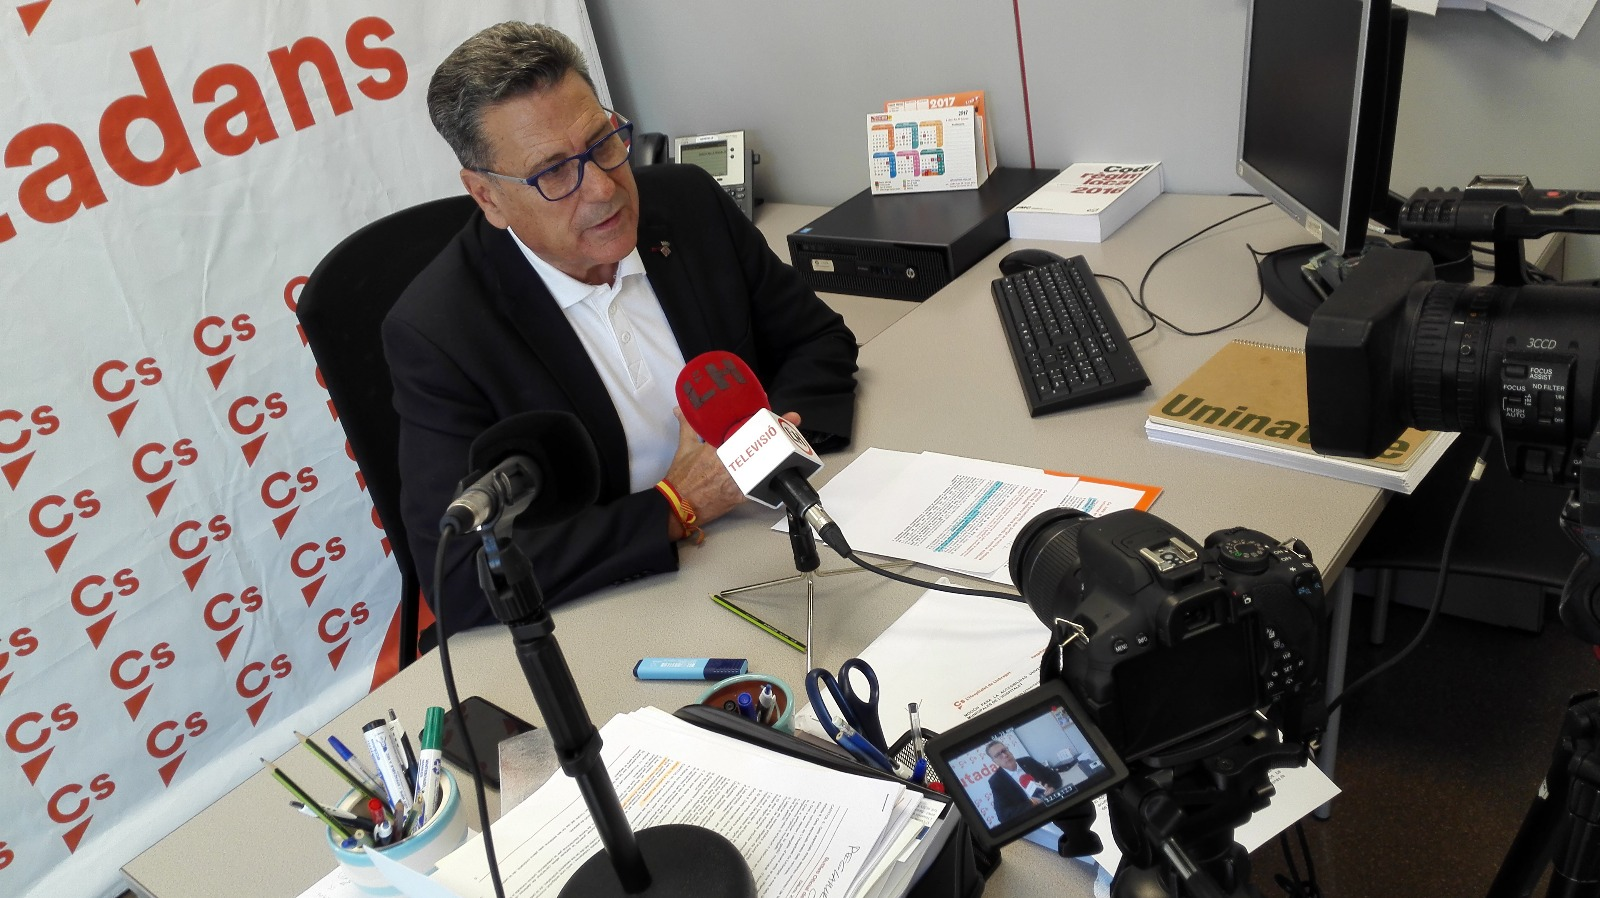 El portavoz de Cs en l'Hospitalet, Miguel García, atiende a los medios locales en rueda de prensa